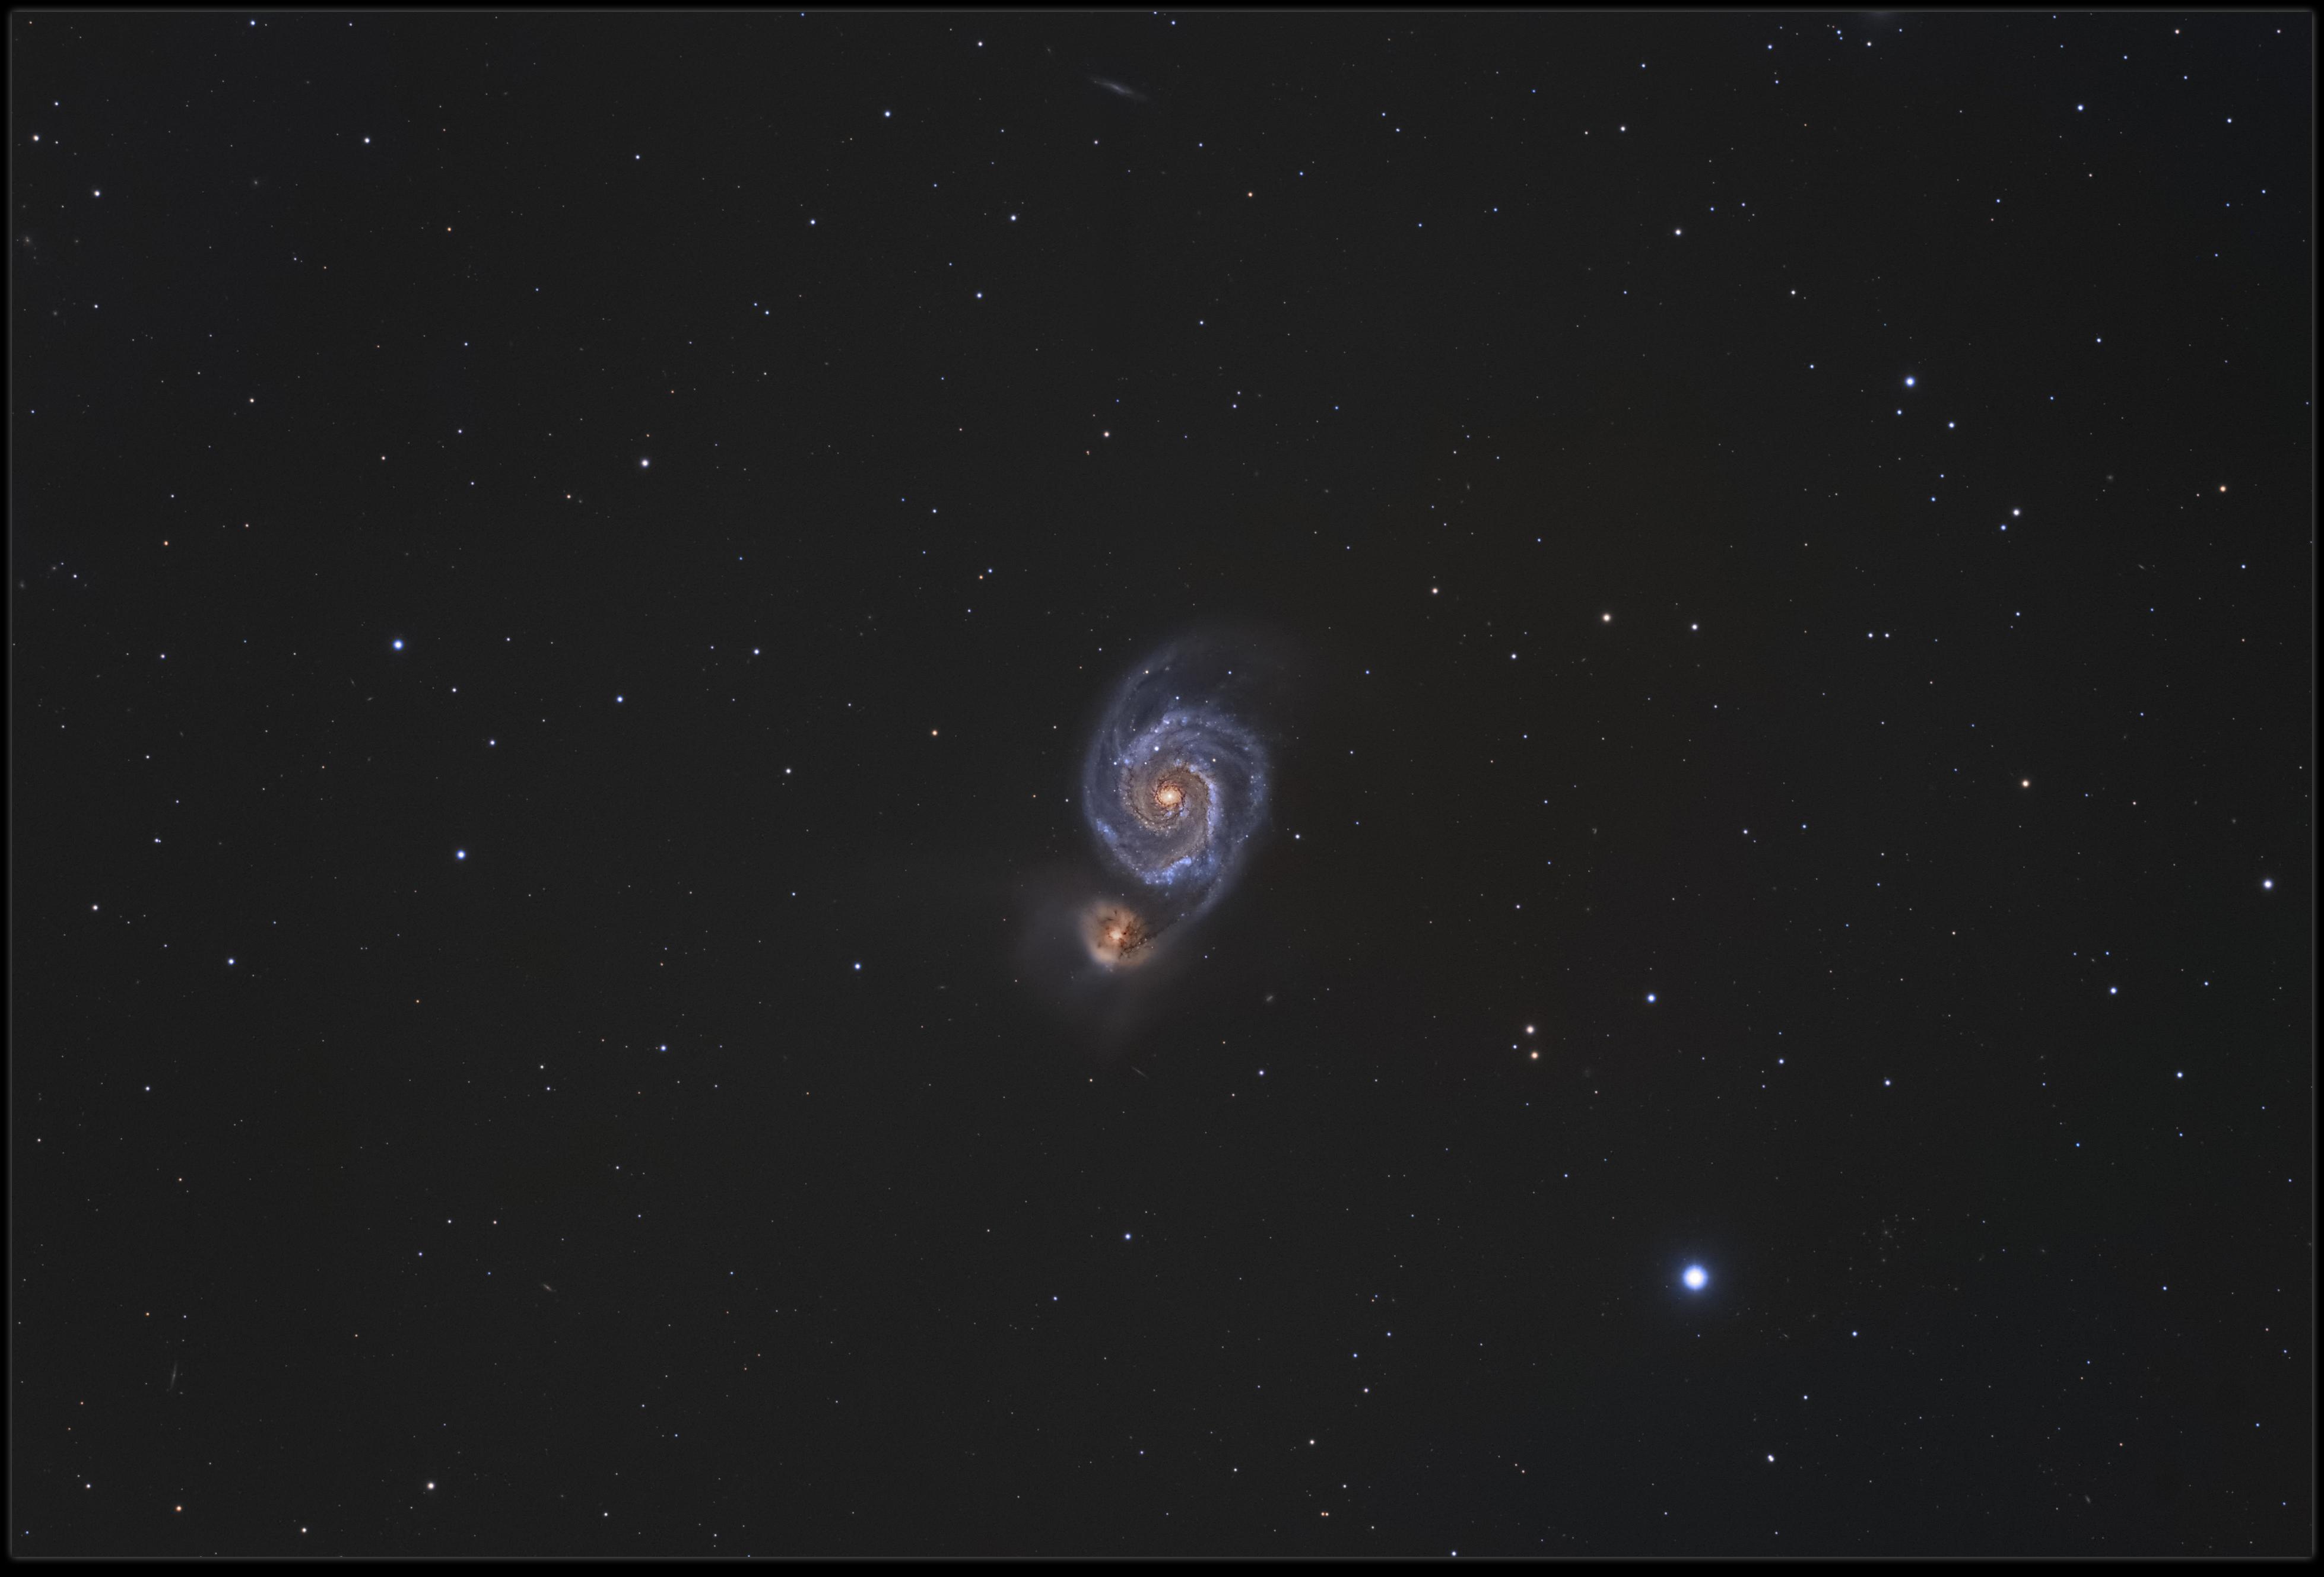 [1.6.2017] Trochę późno ale jest M51